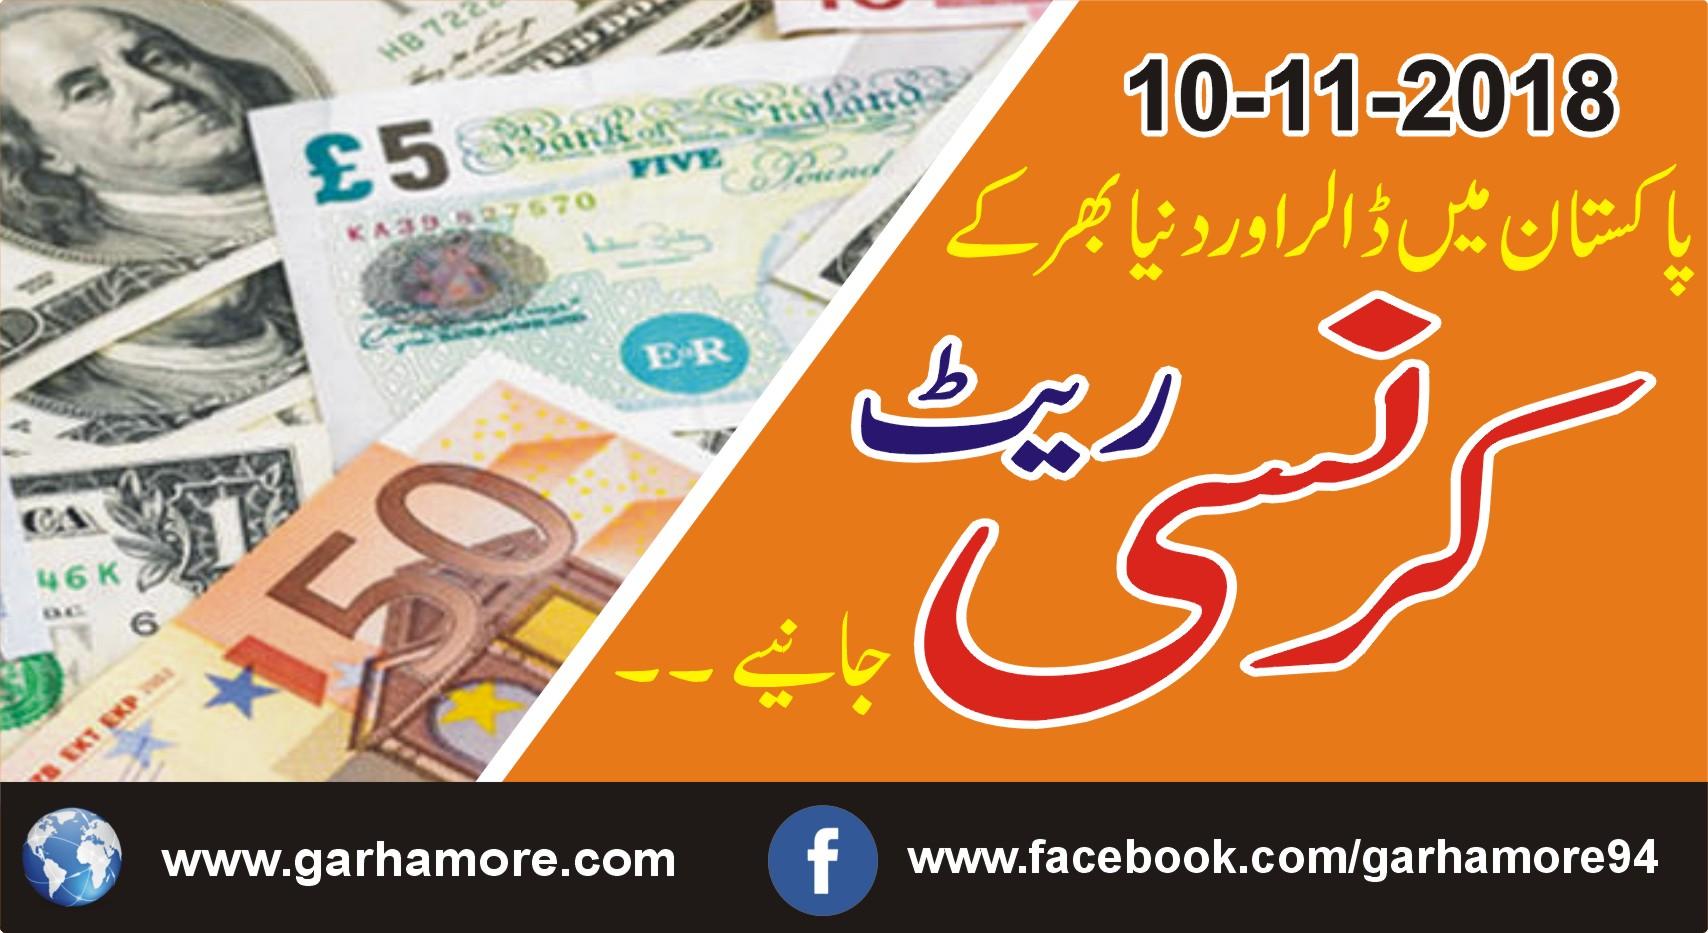 ڈالر کے ریٹ میںاضافہ ، پاکستان میں آج کے کرنسی ریٹ جانیے ….